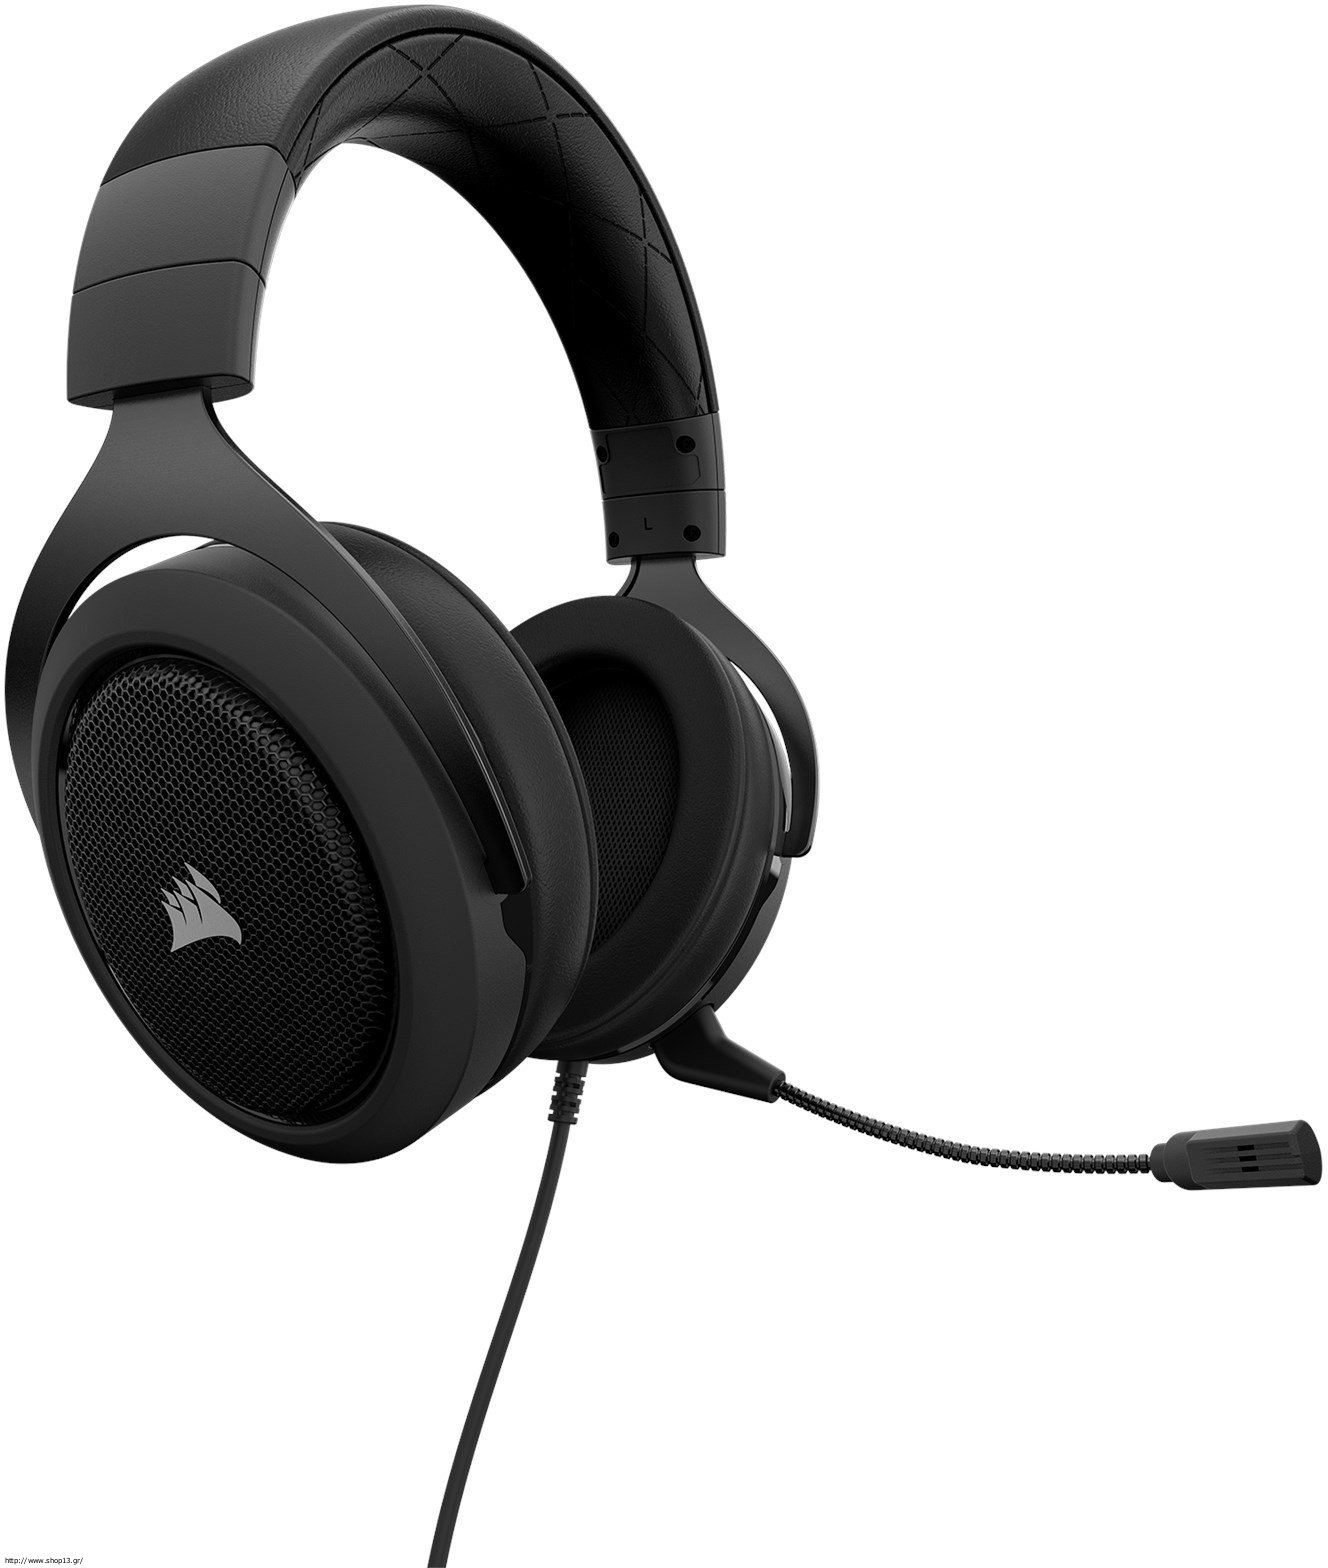 Ακουστικά Κεφαλής Στερεοφωνικά Carbon HS50 Corsair PC,Mac,PS4,Mobile CA-9011170-EU image